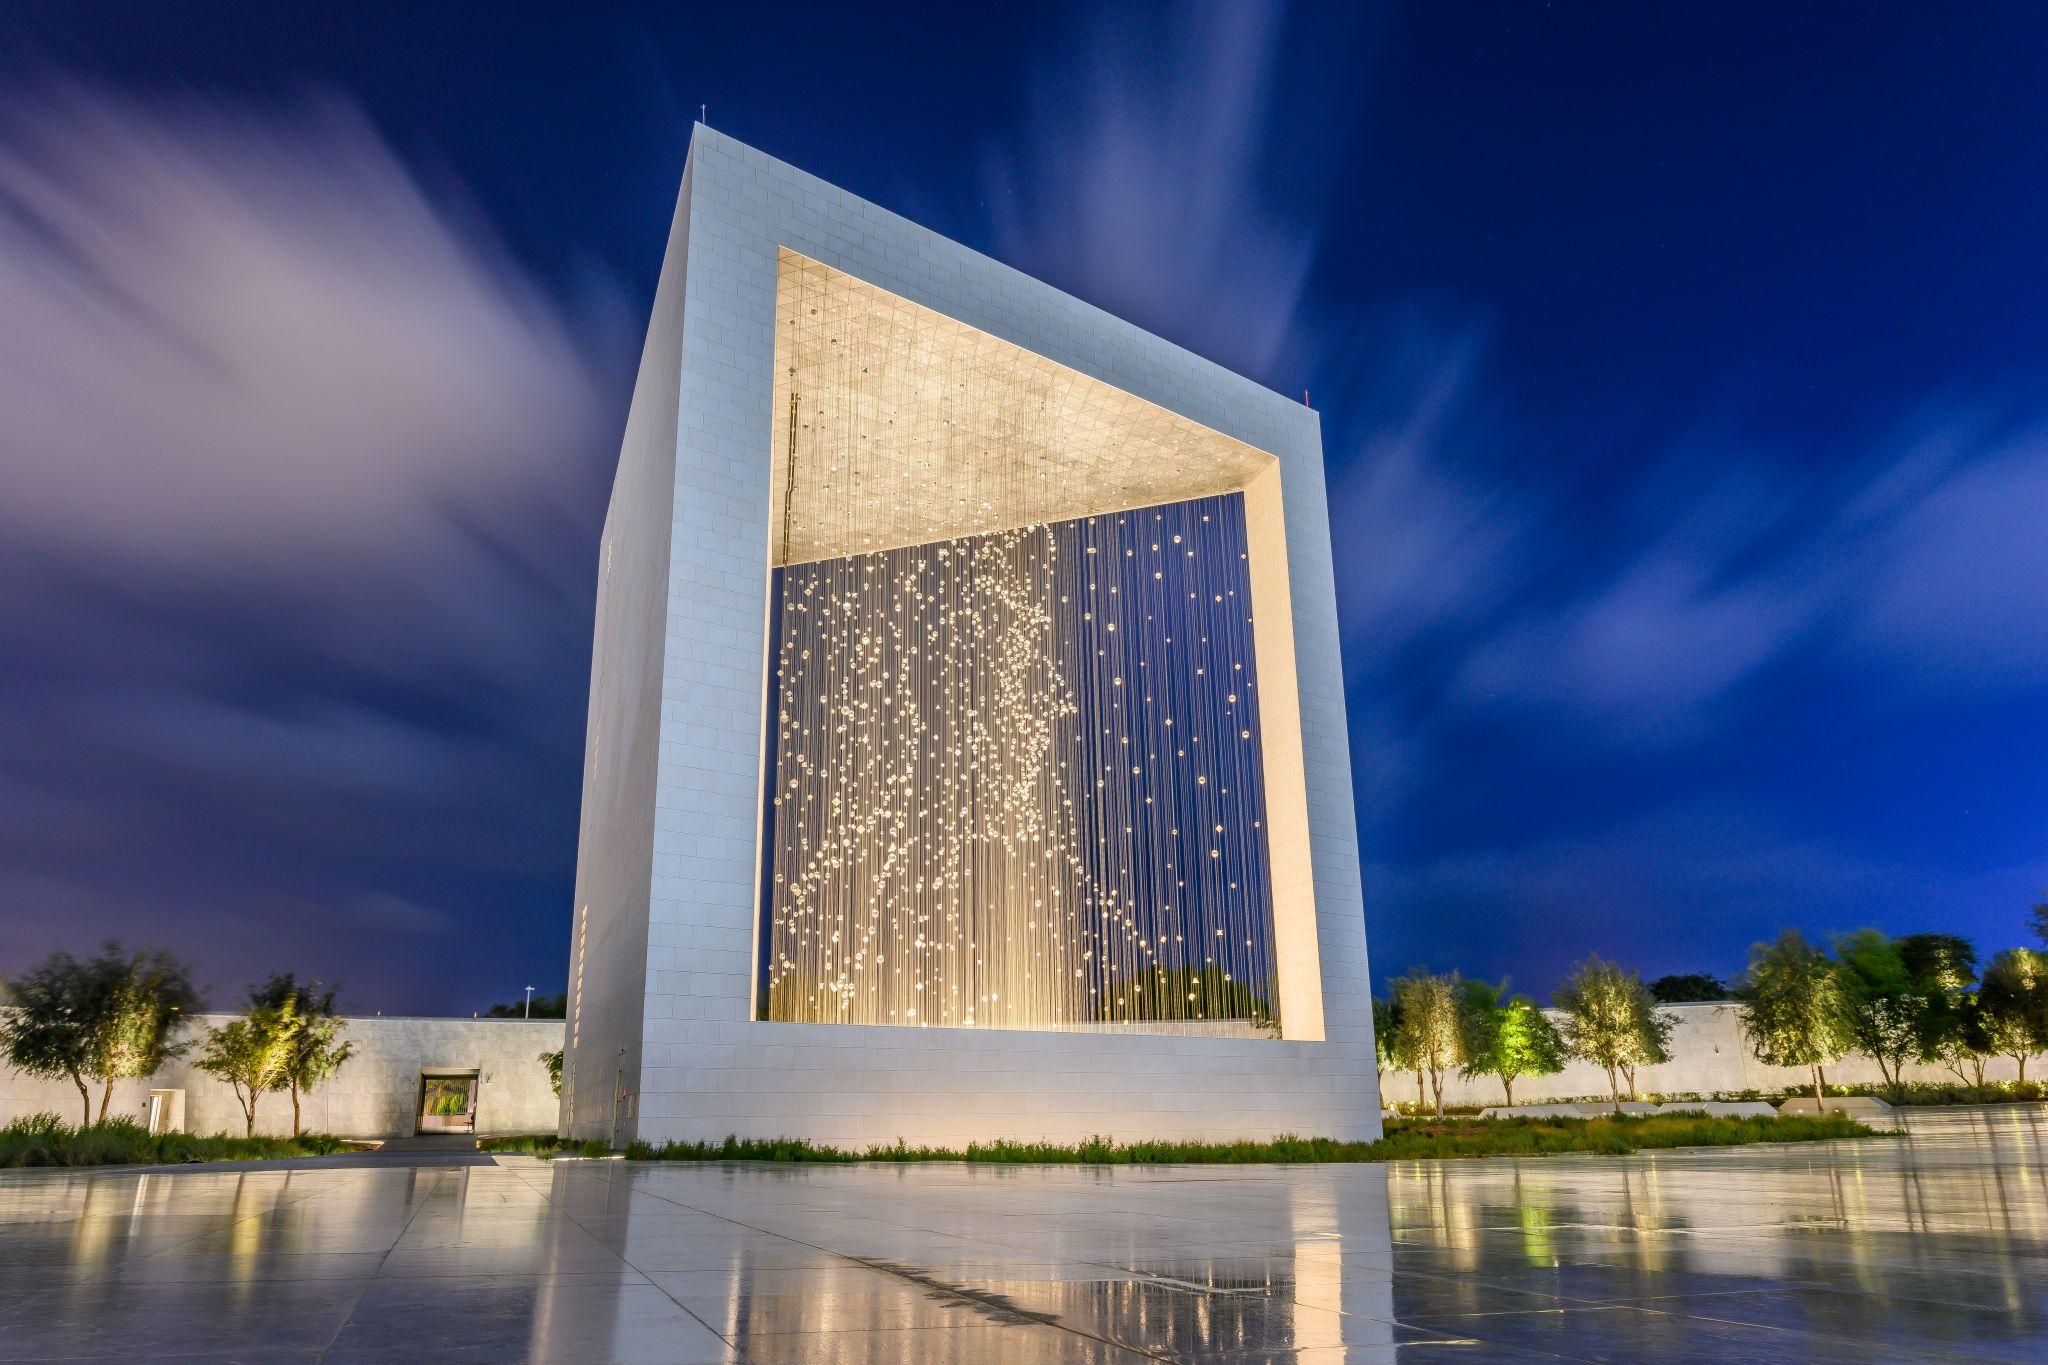 The UAE founder's memorial, United Arab Emirates